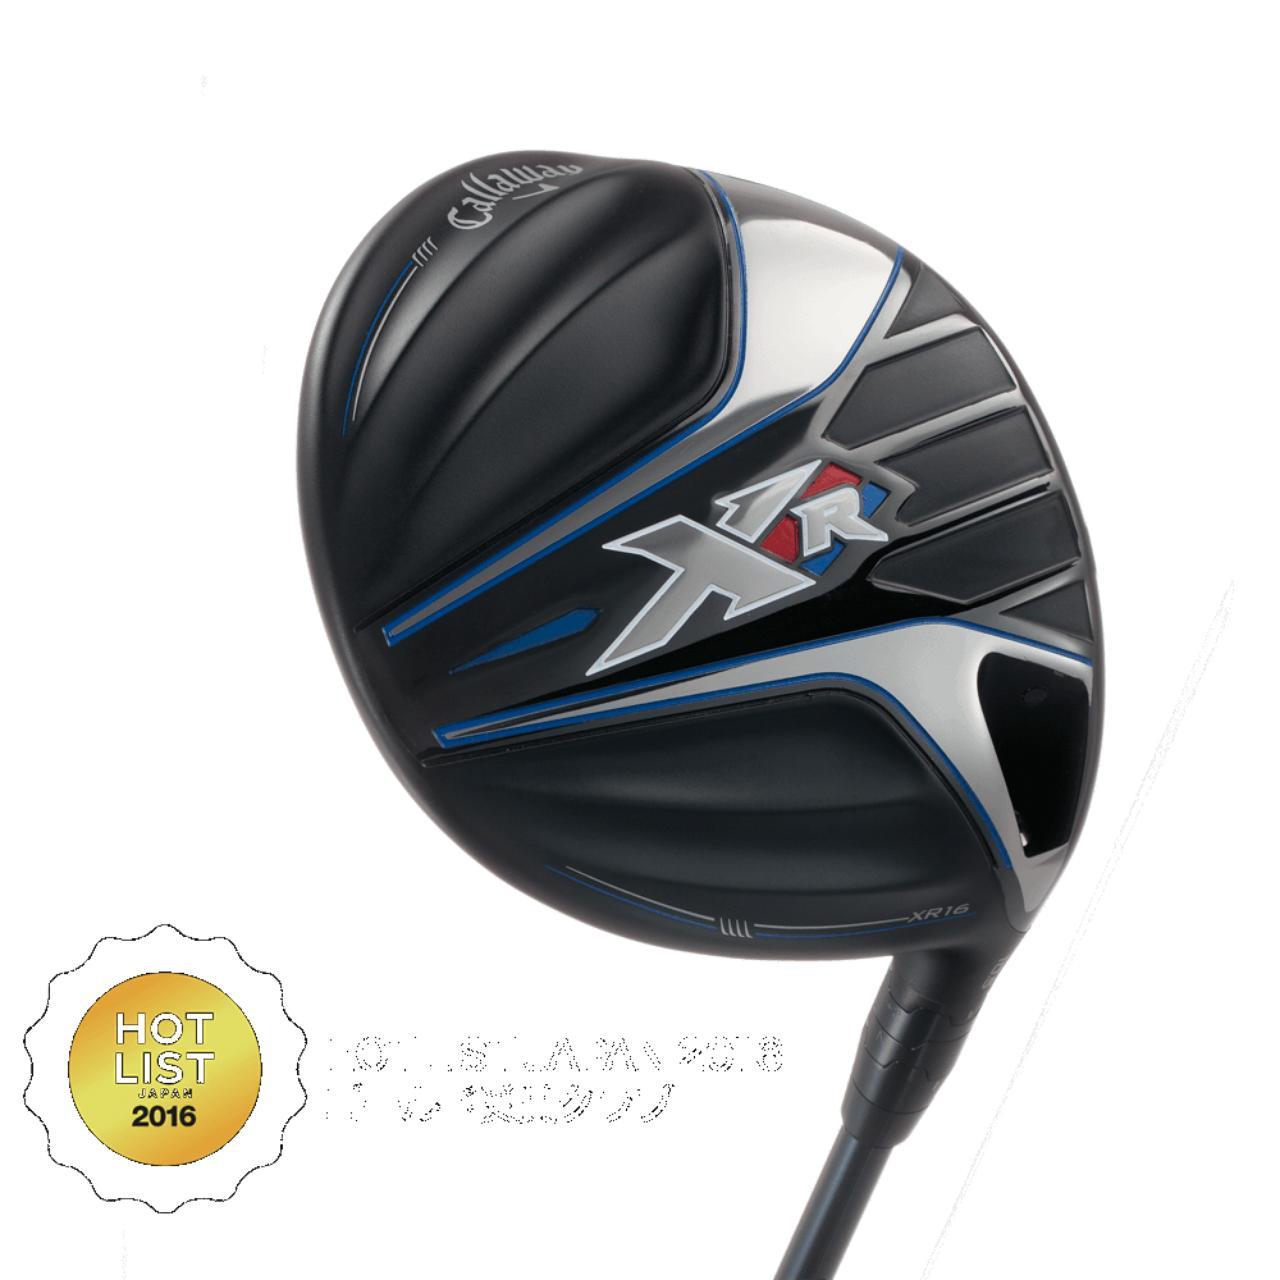 画像: XR 16 ドライバー 製品情報(メンズ)   キャロウェイゴルフ Callaway Golf 公式サイト